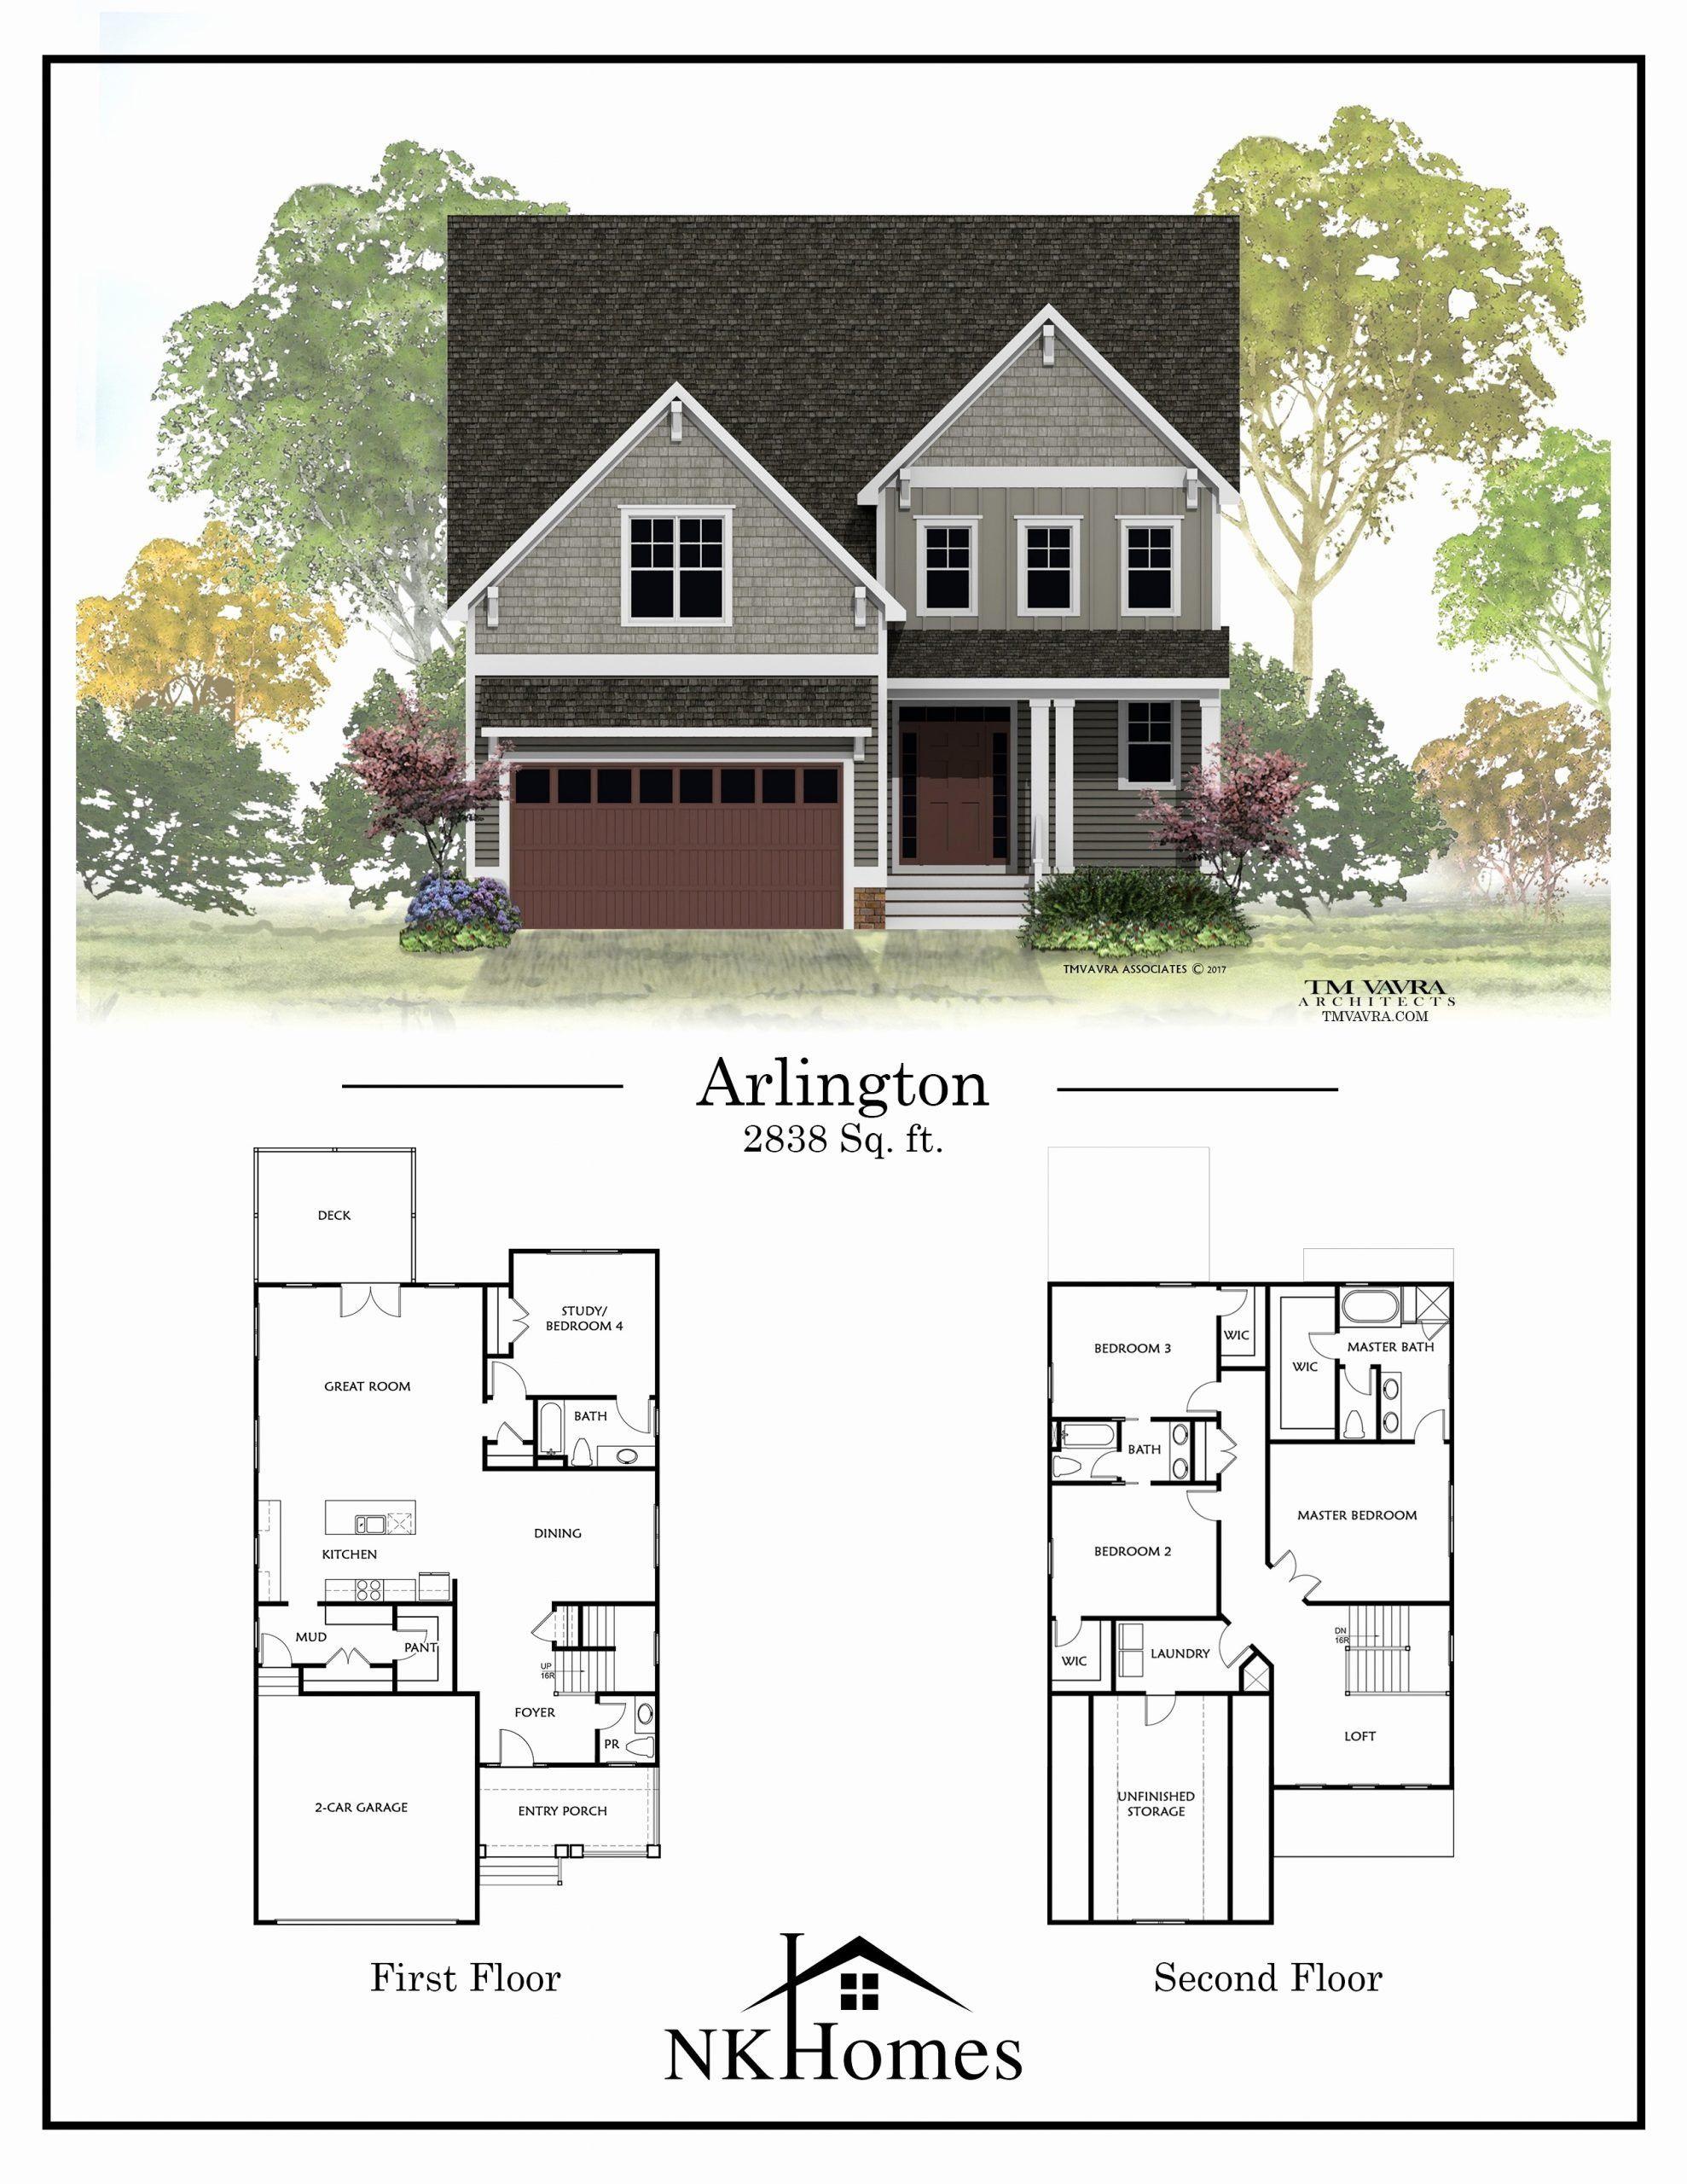 Home Design 3d Gold Plus Version Apk Luxury Home Design 3d Mod Apk In 2020 Minecraft House Plans Minecraft Modern House Blueprints Minecraft House Designs